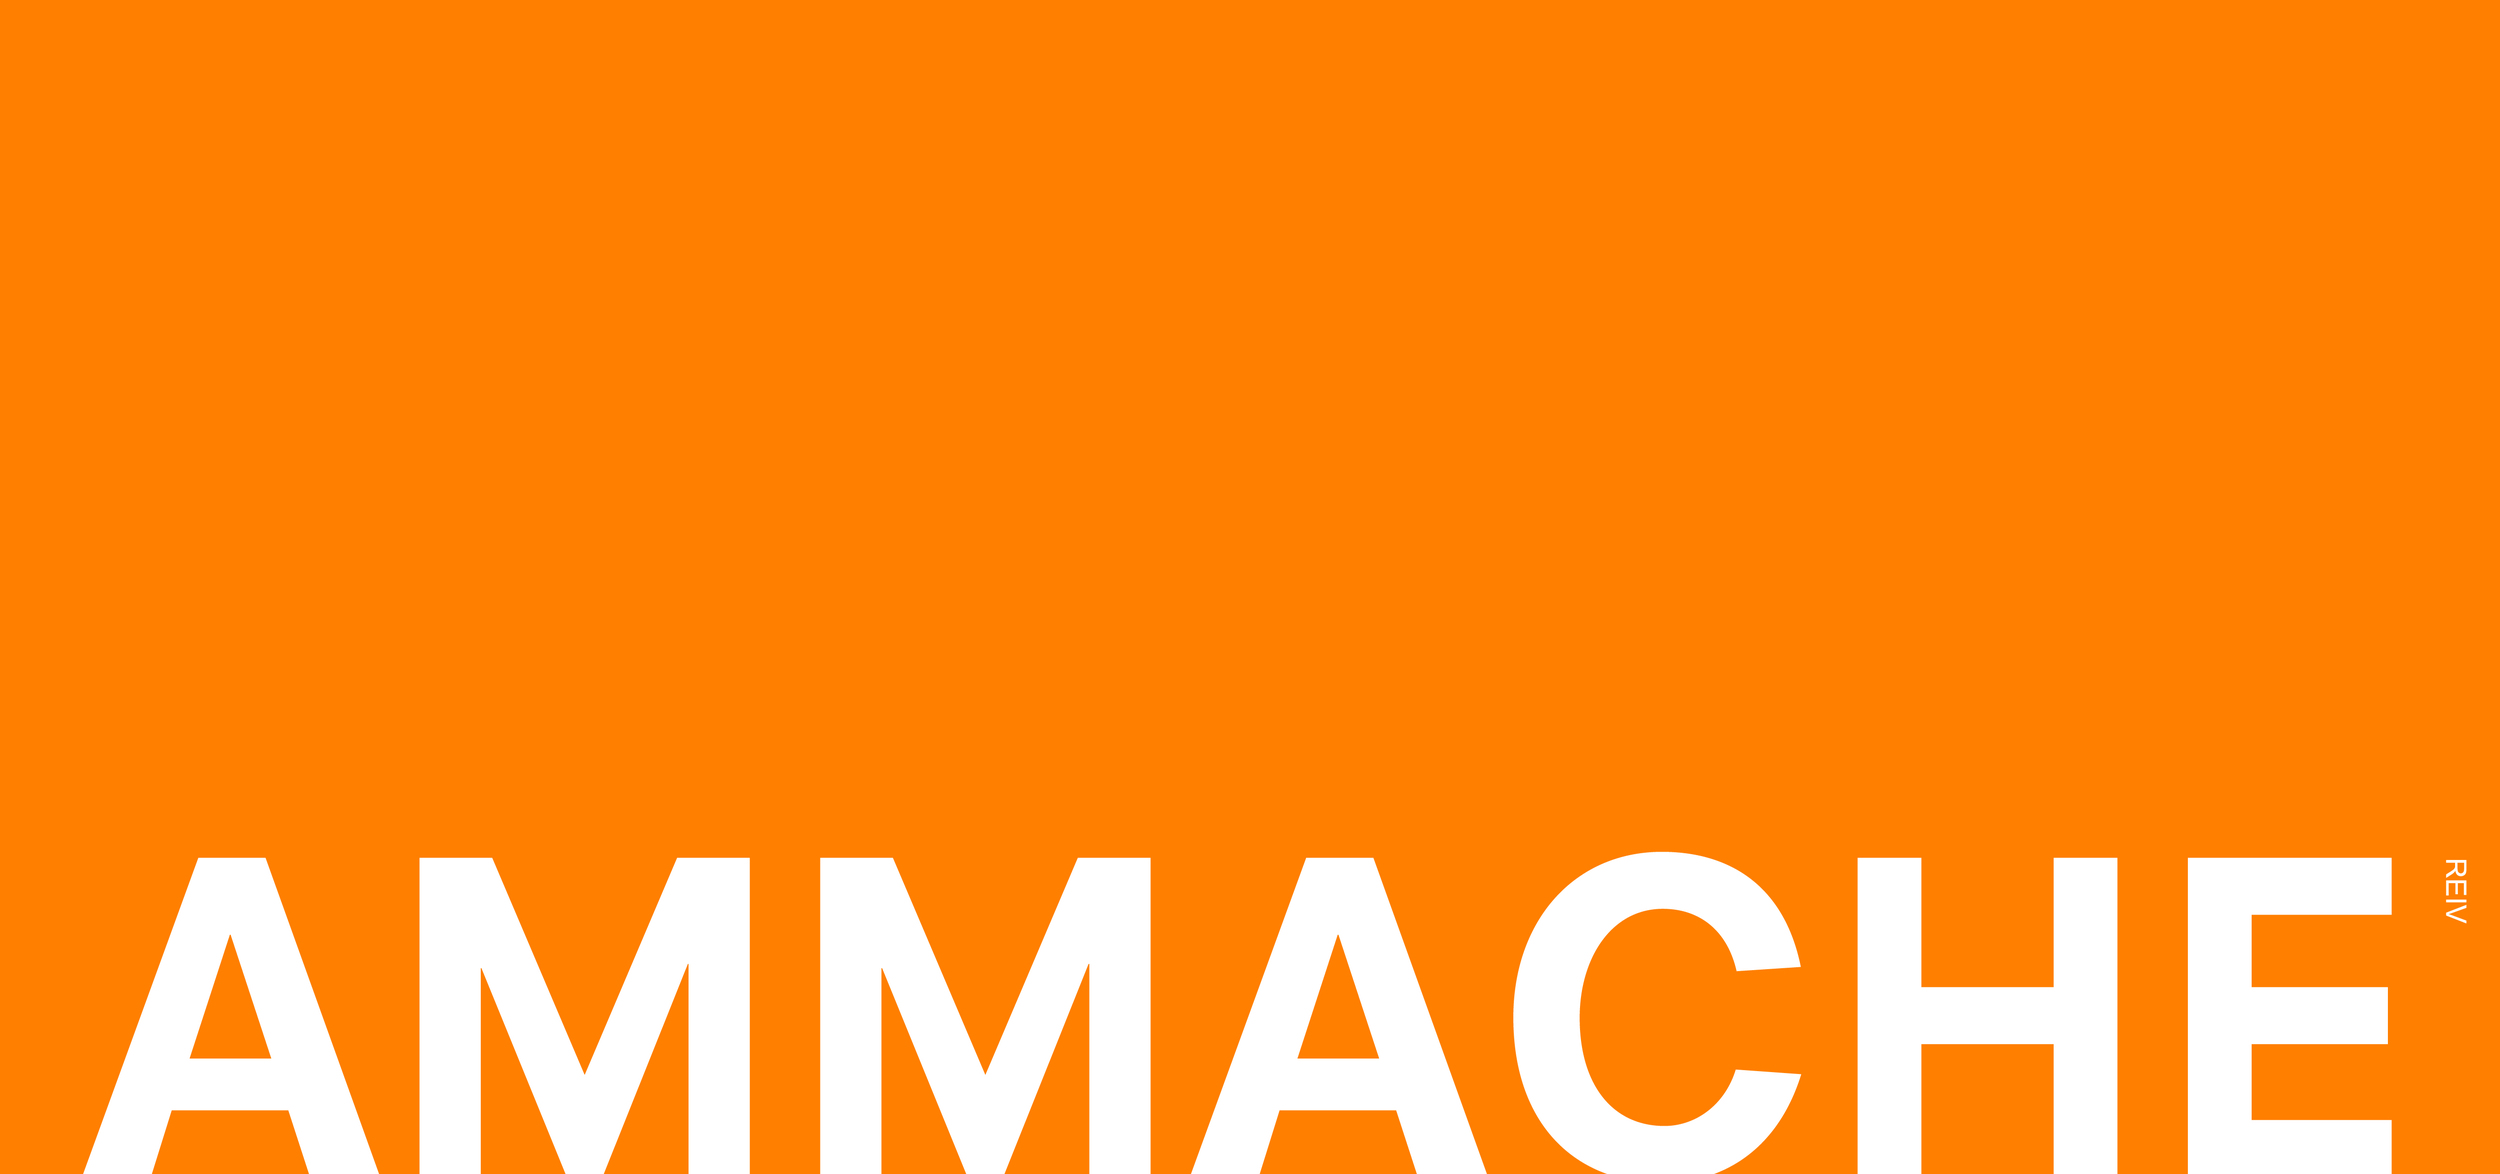 Ammache Logo_JPEG.JPG